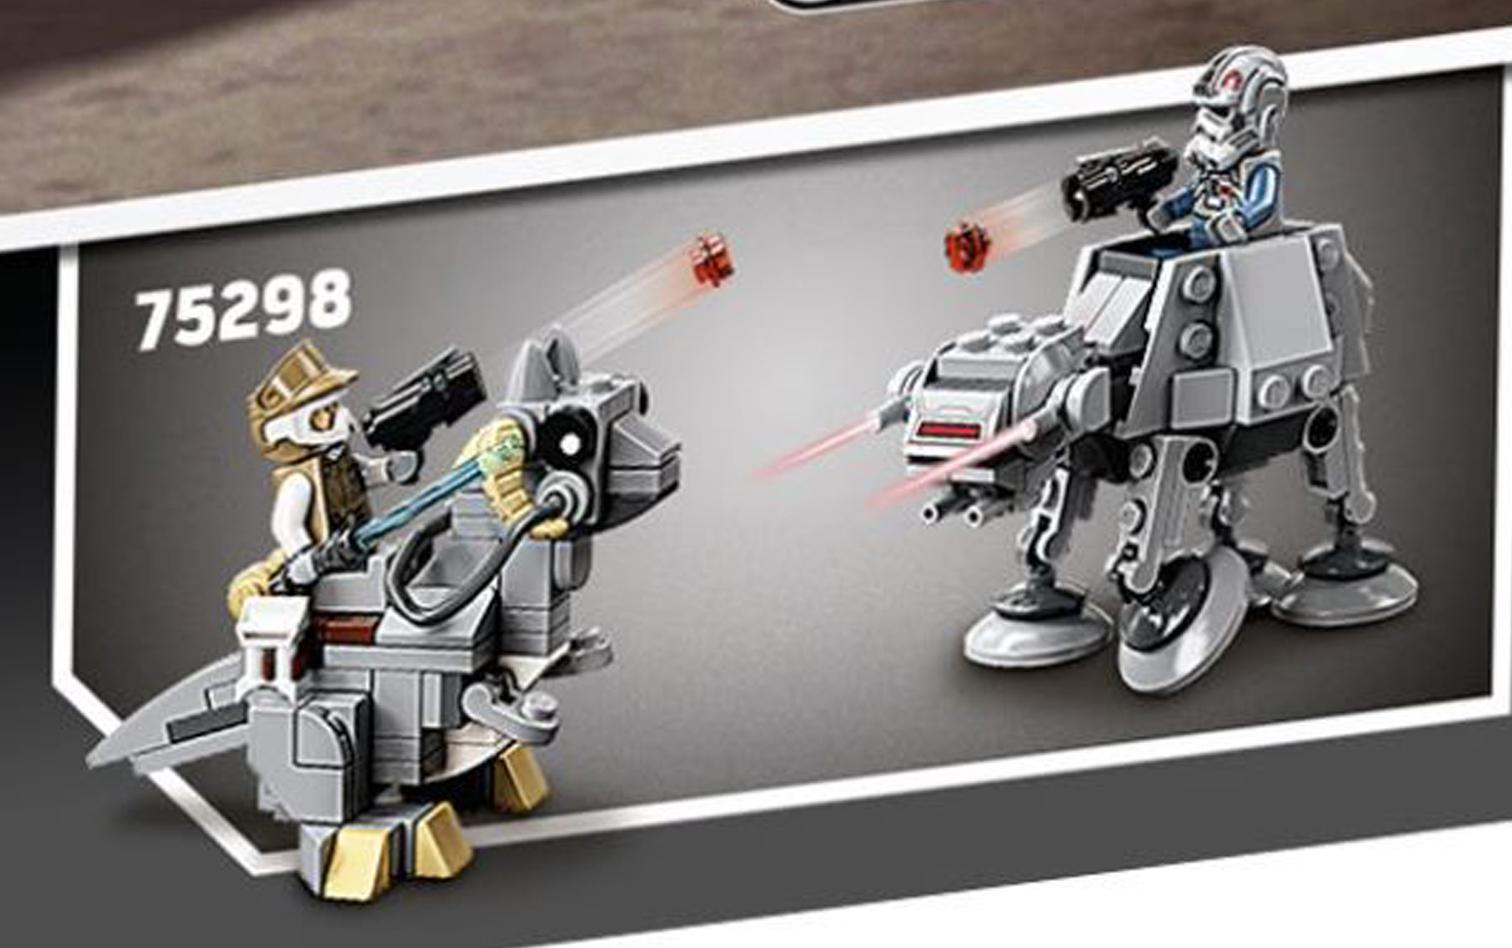 2021年レゴ スター・ウォーズ新製品情報!みんな大好きマンダロリアンやXウィング発売!